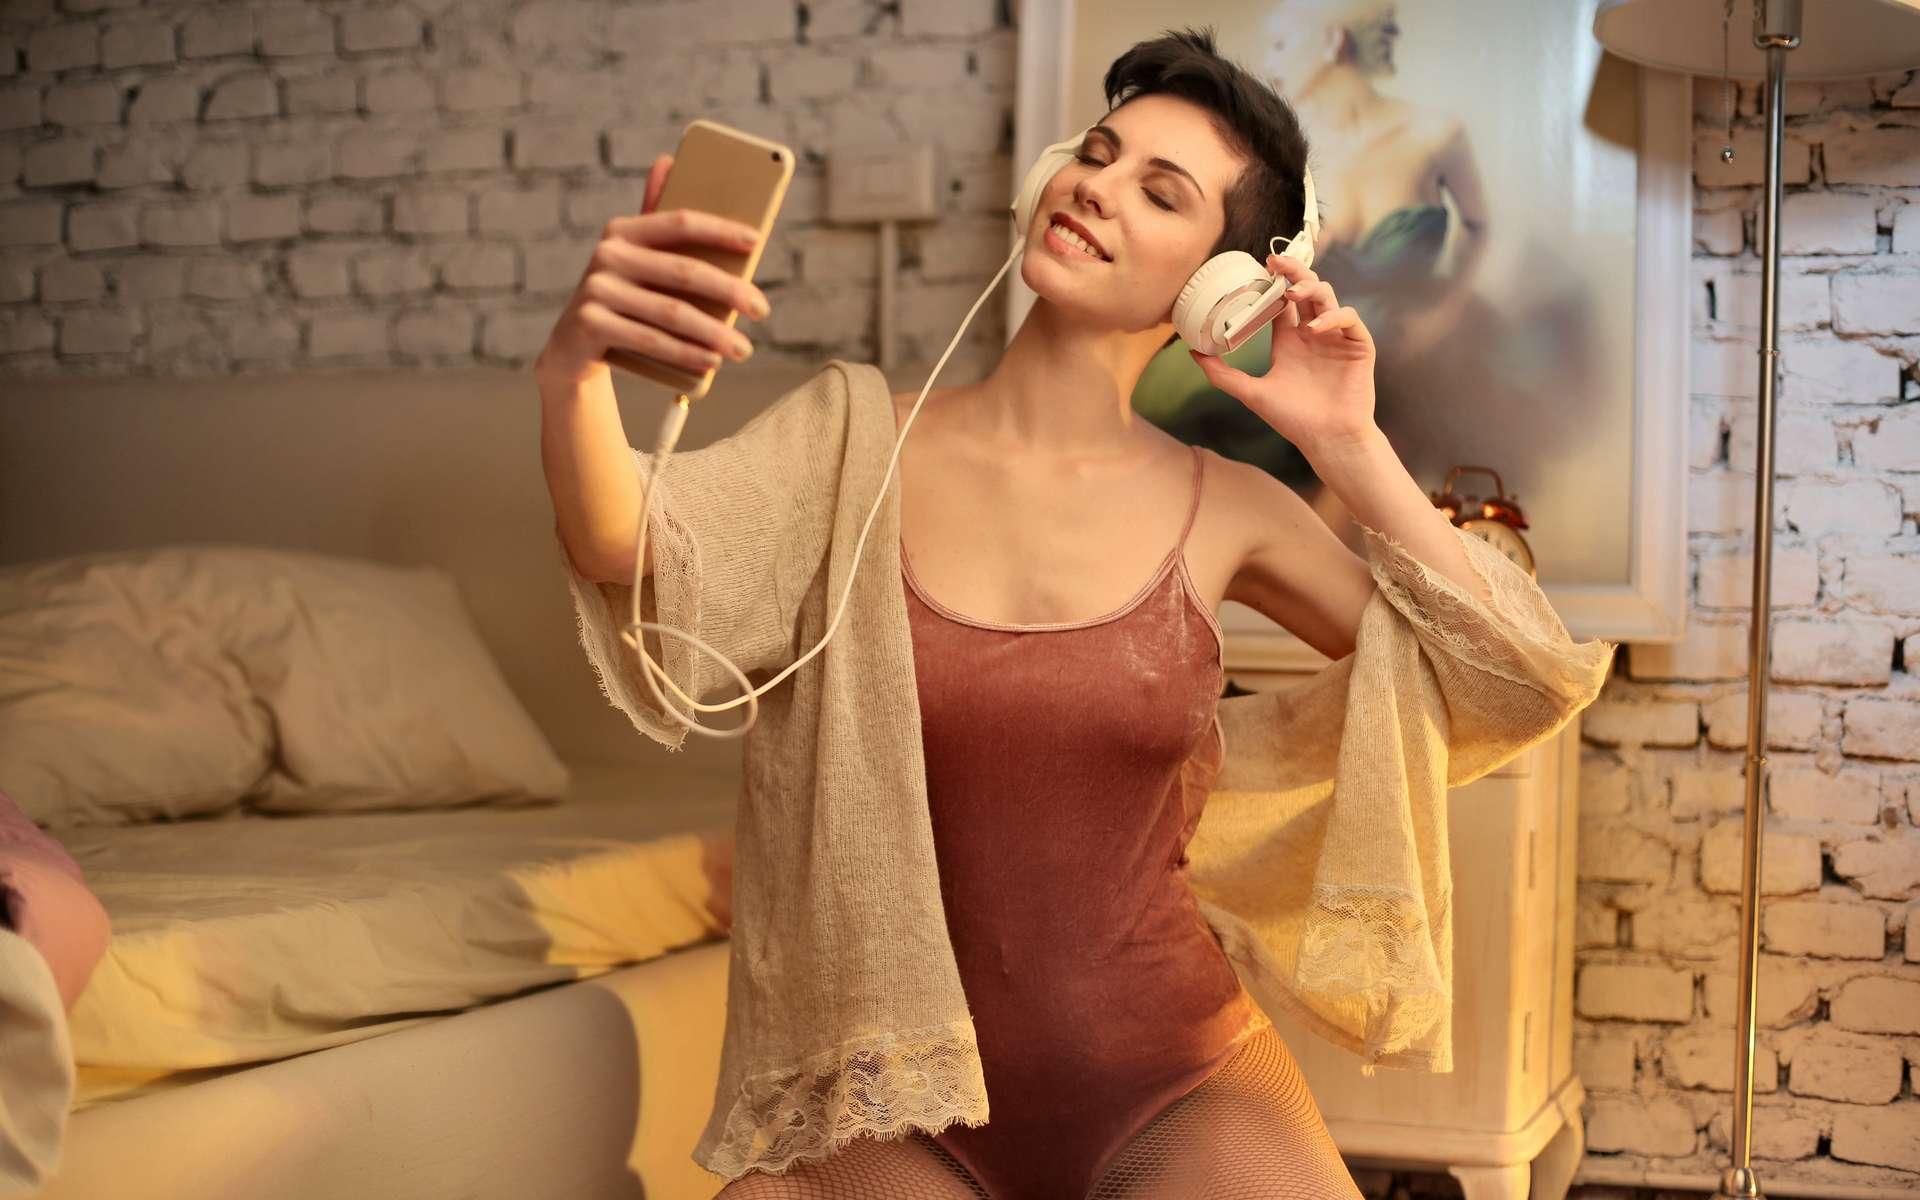 Bouygues Telecom prolonge son forfait 80 Go pas cher © Andrea Piacquadio, Pexels